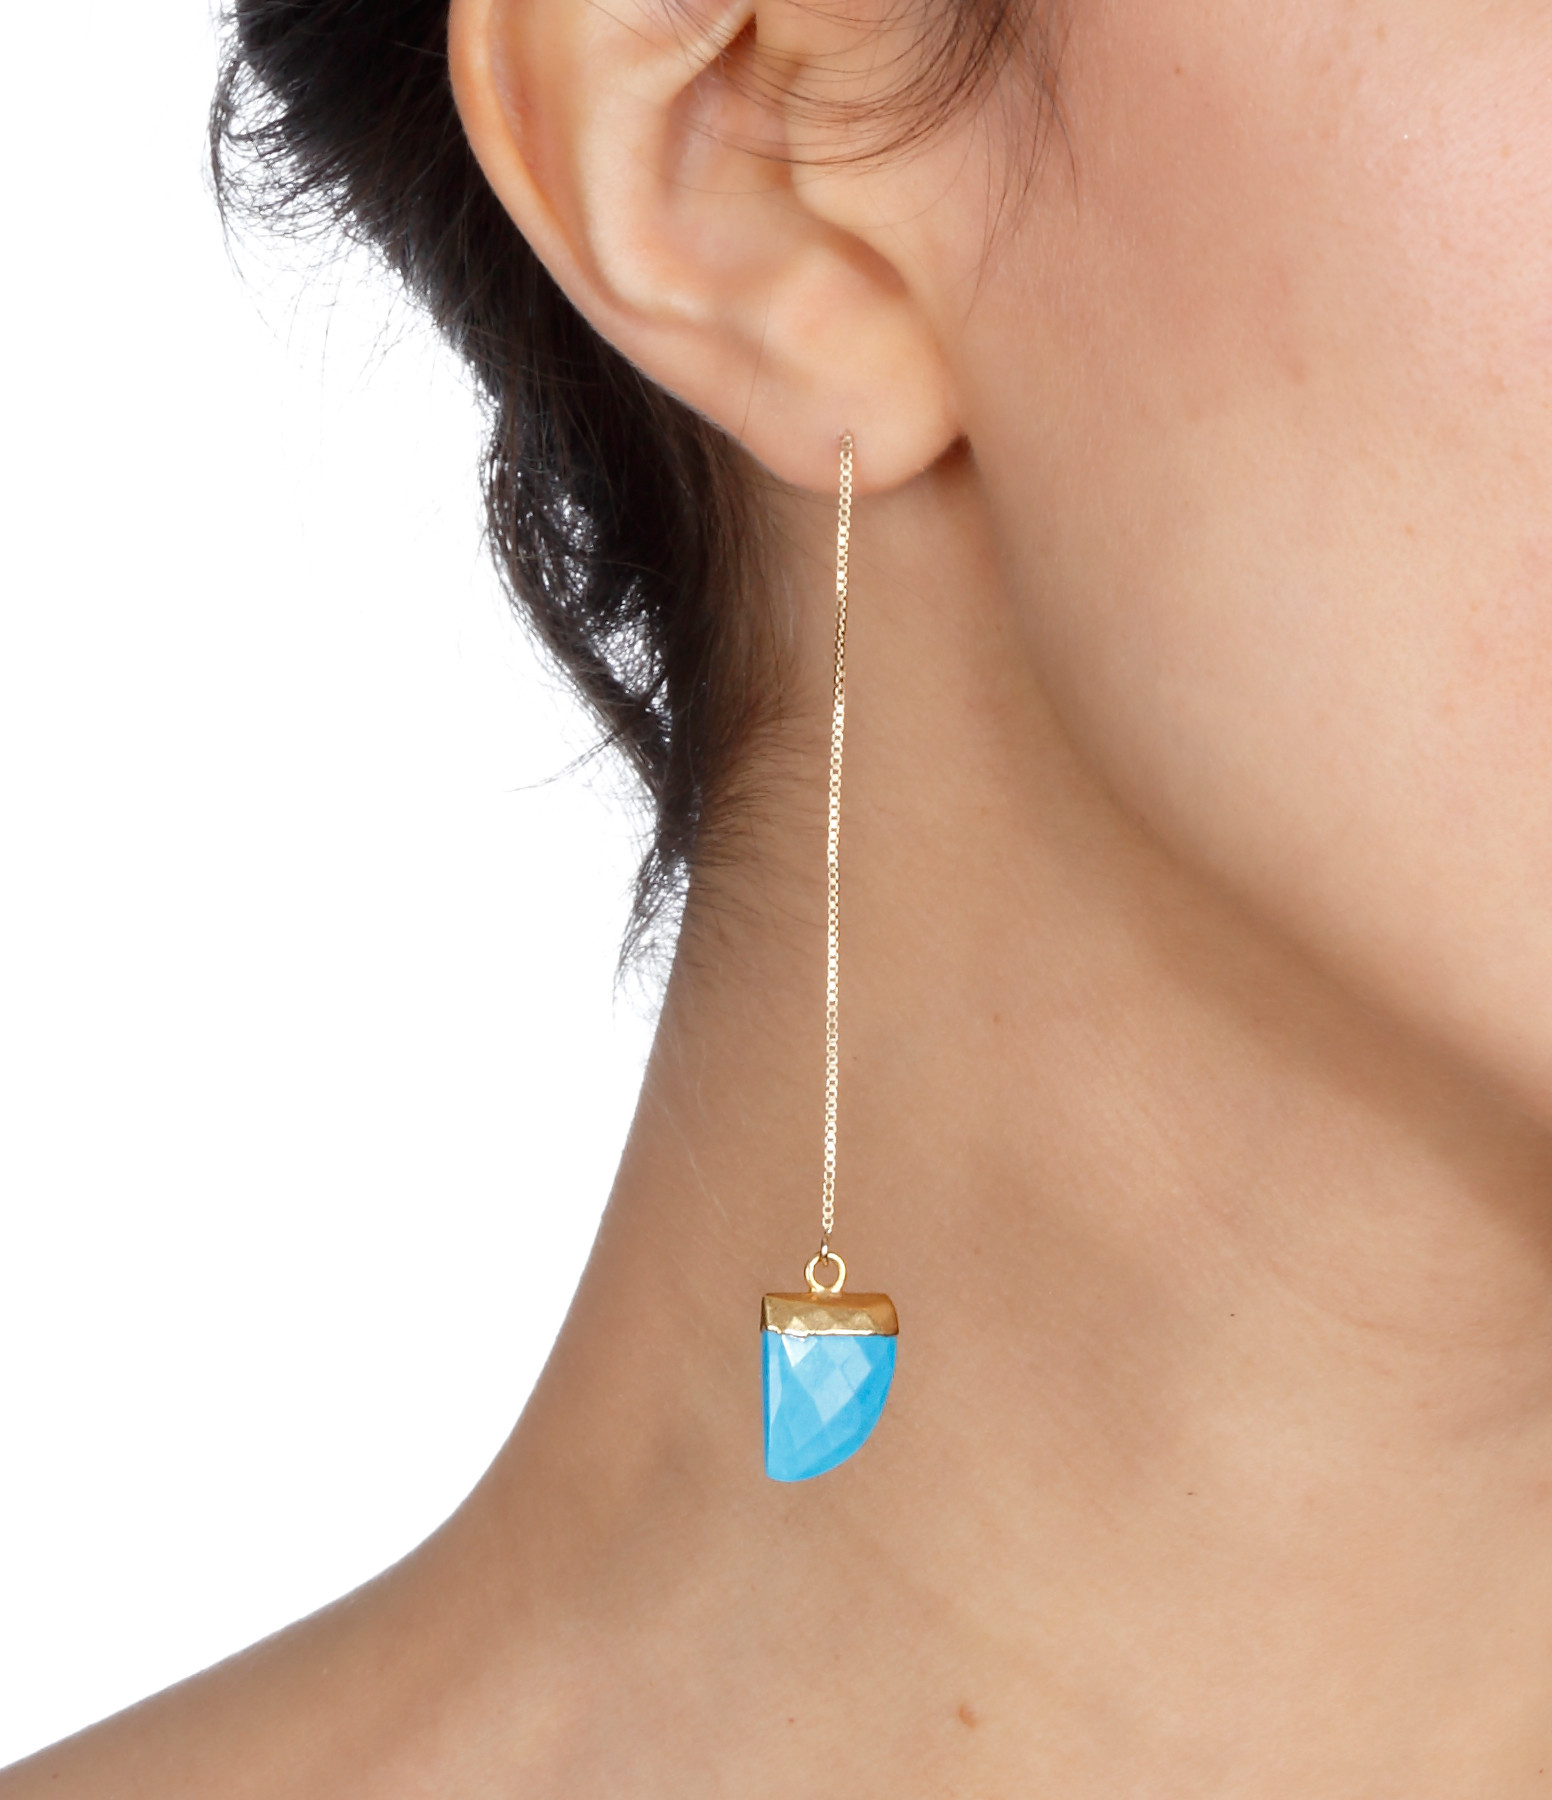 Boucle d'oreille Gold Filled Pierre Turquoise (vendue à l'unité) - SISTERSTONE